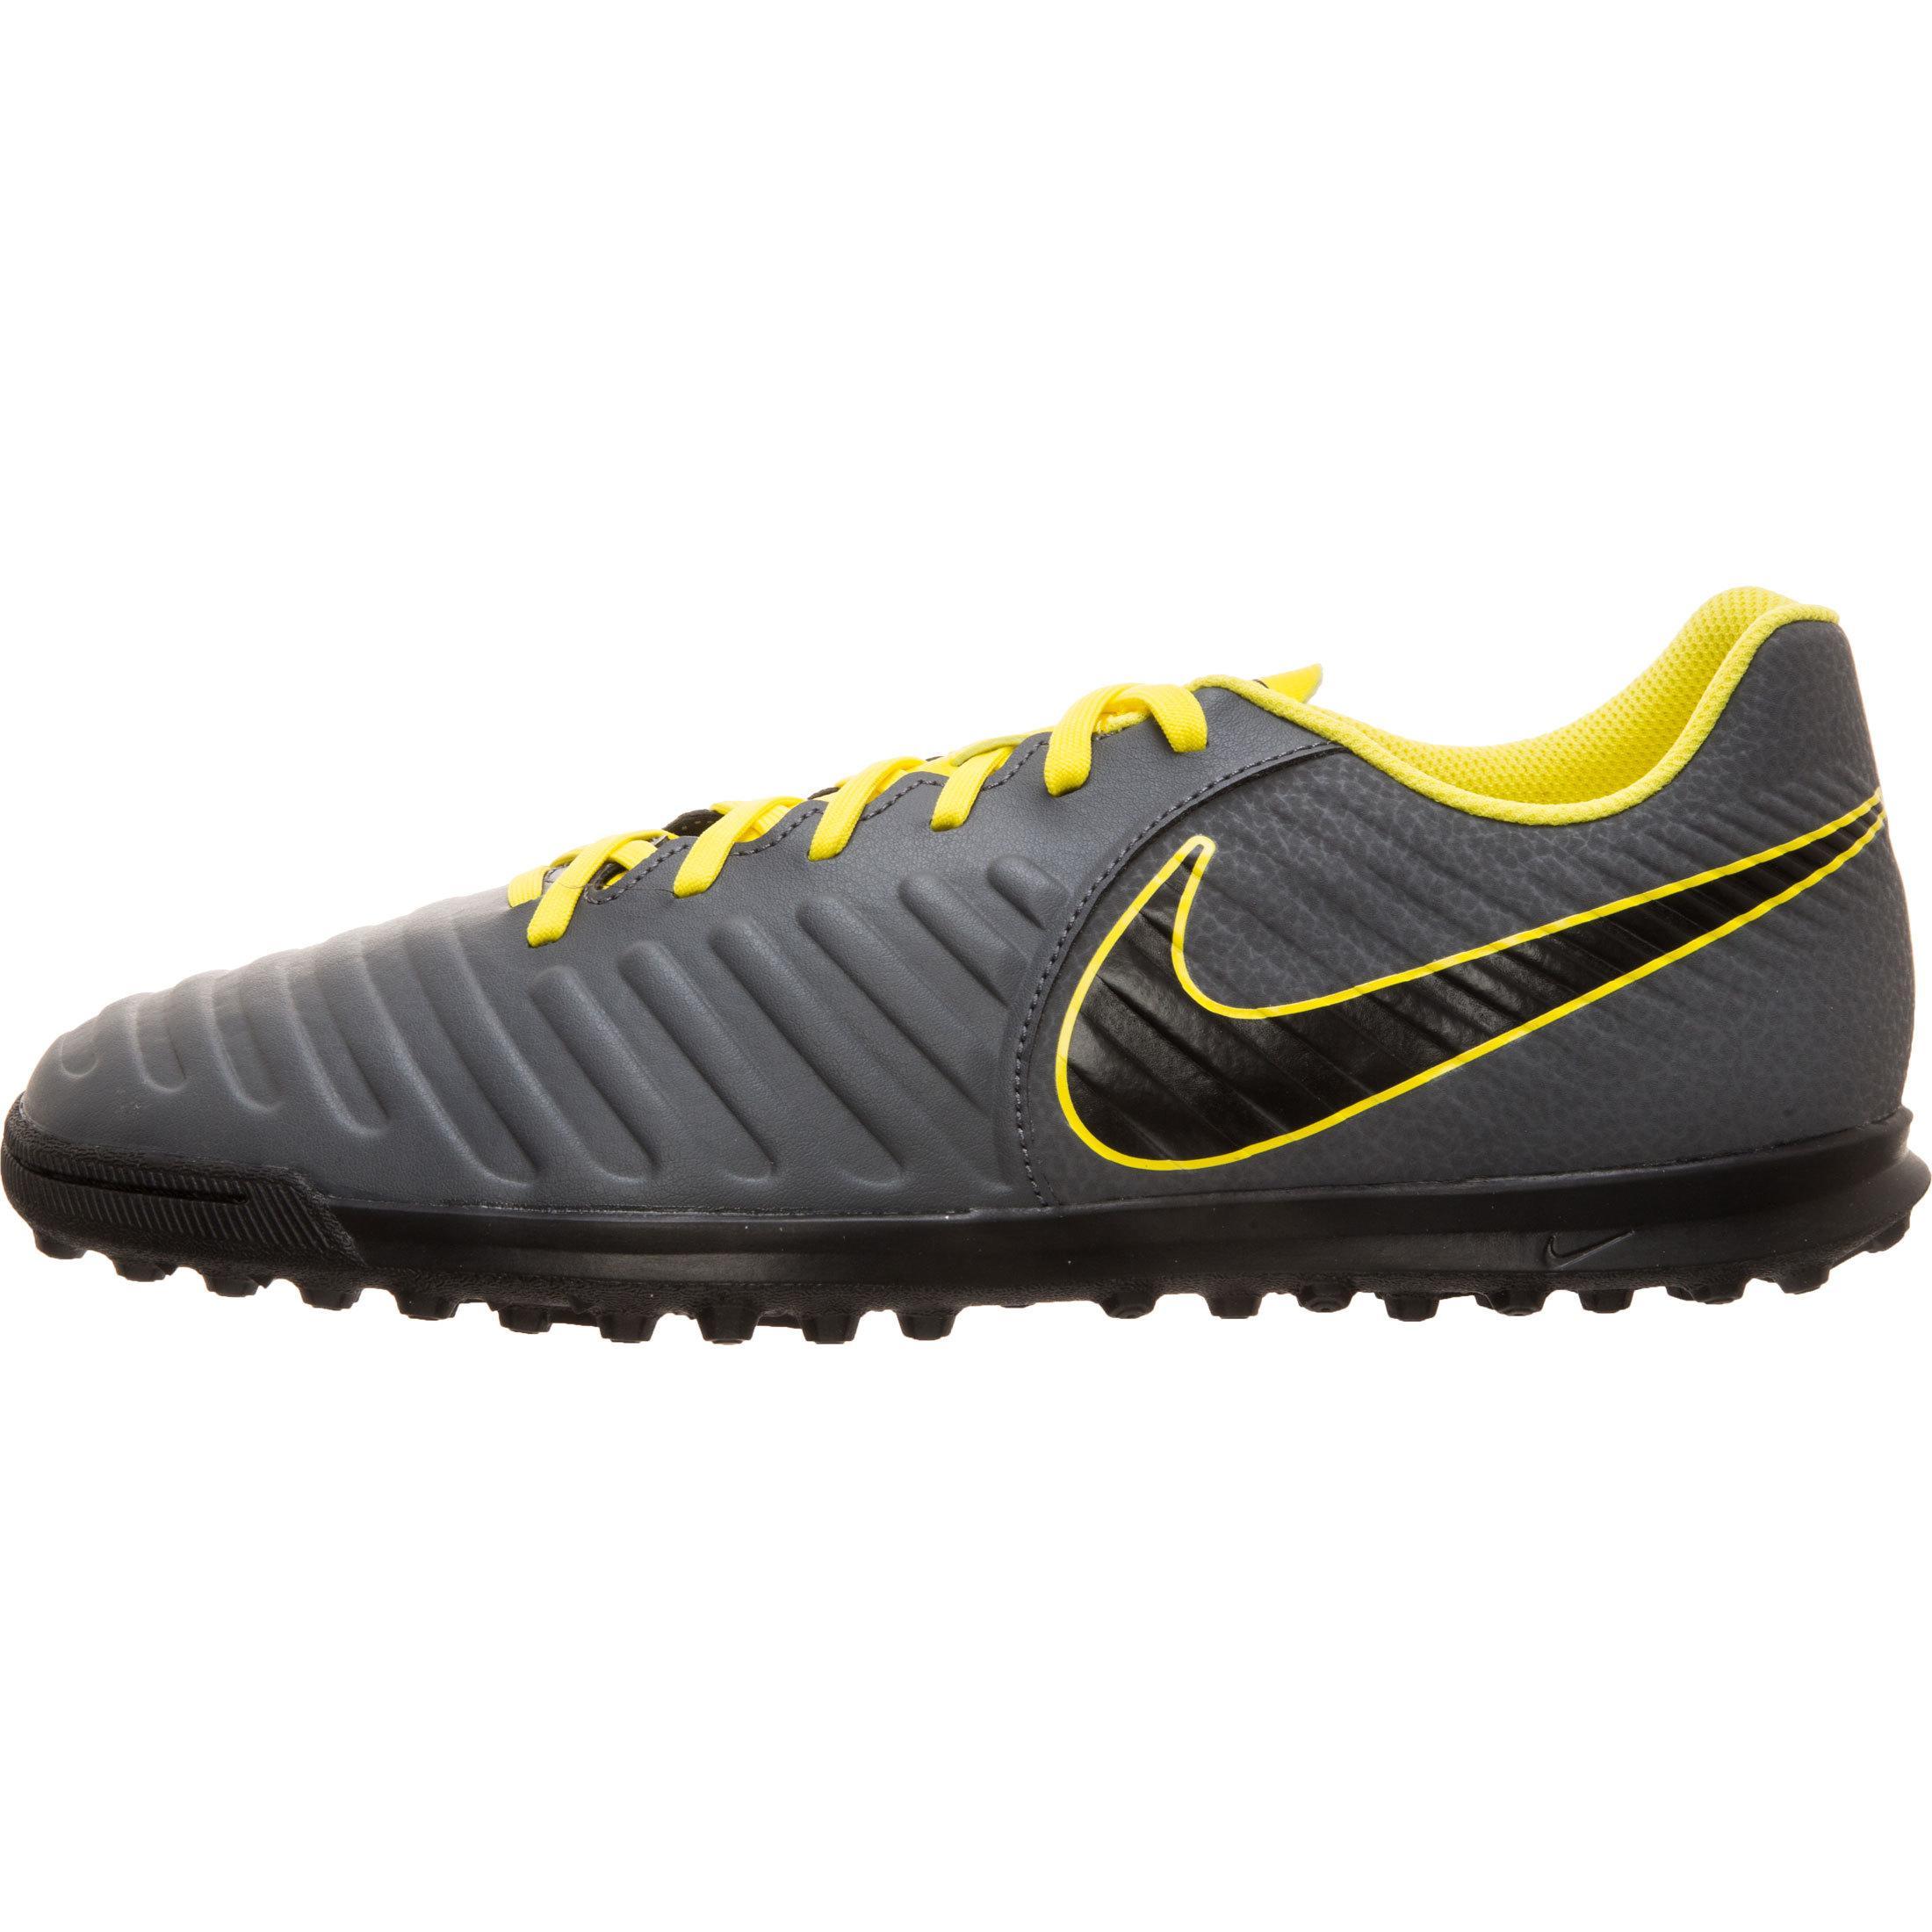 Nike Tiempo LegendX VII Club Fußballschuhe Herren Herren Herren schwarz / gold im Online Shop von SportScheck kaufen Gute Qualität beliebte Schuhe c84041